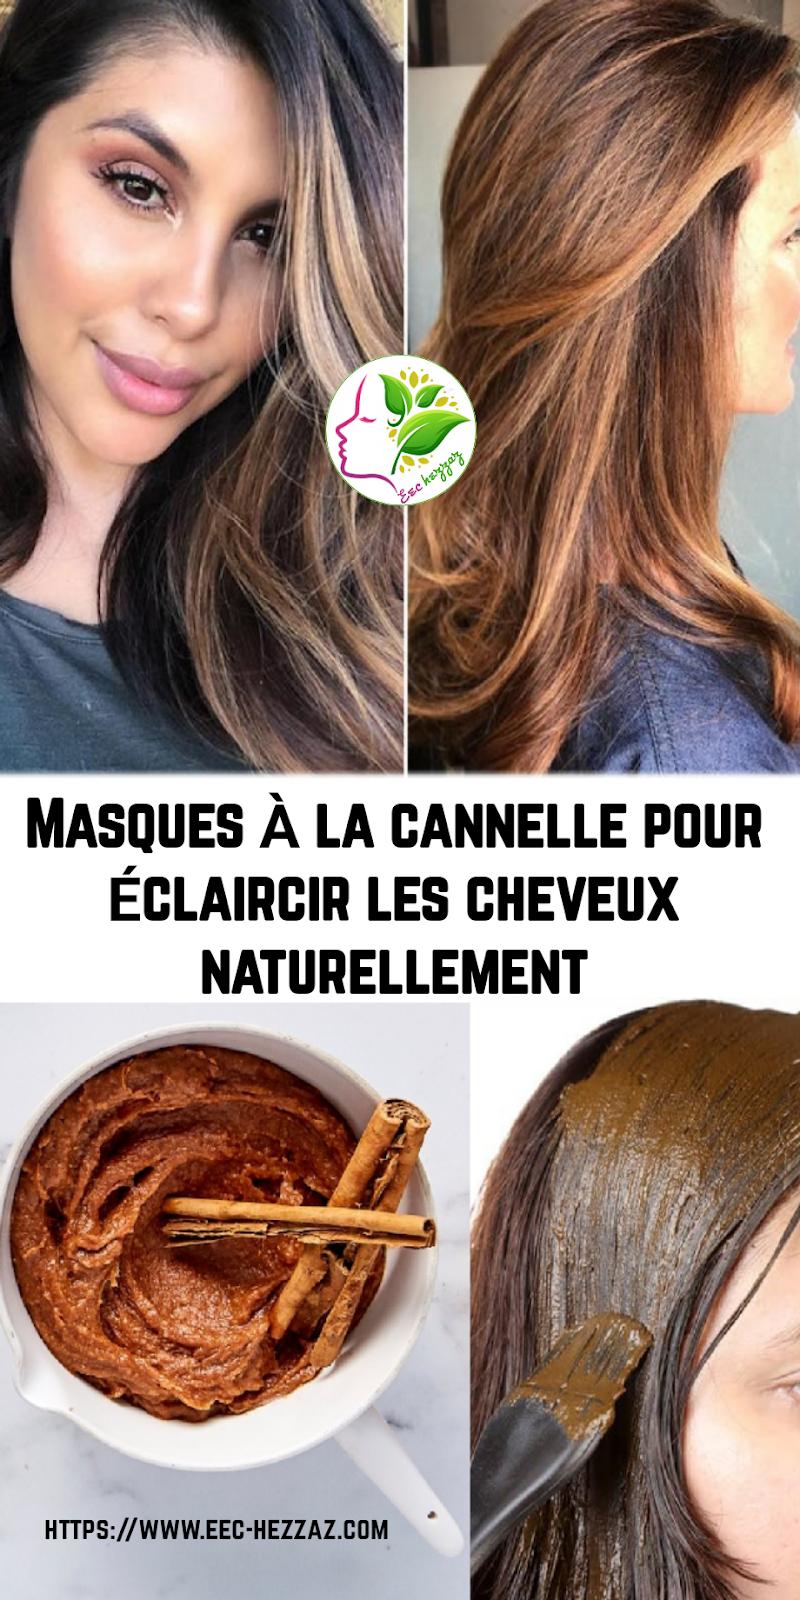 Masques à la cannelle pour éclaircir les cheveux naturellement